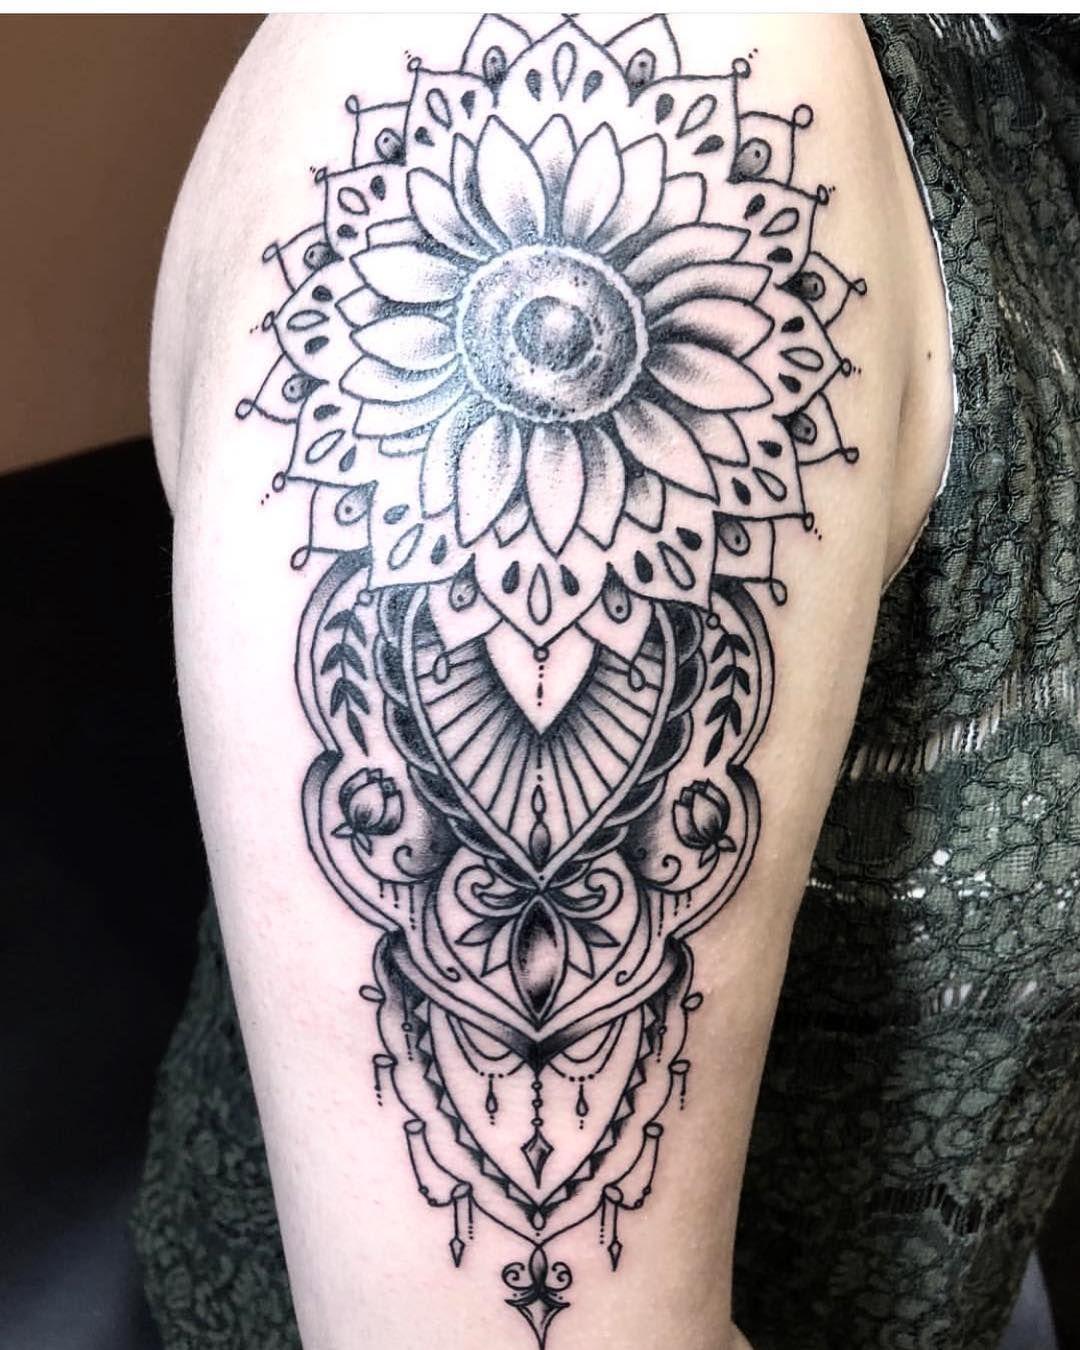 5 Ways To Immediately Start Selling Tattoo  #tattooer #tattooink #tattoolove #tattooshop